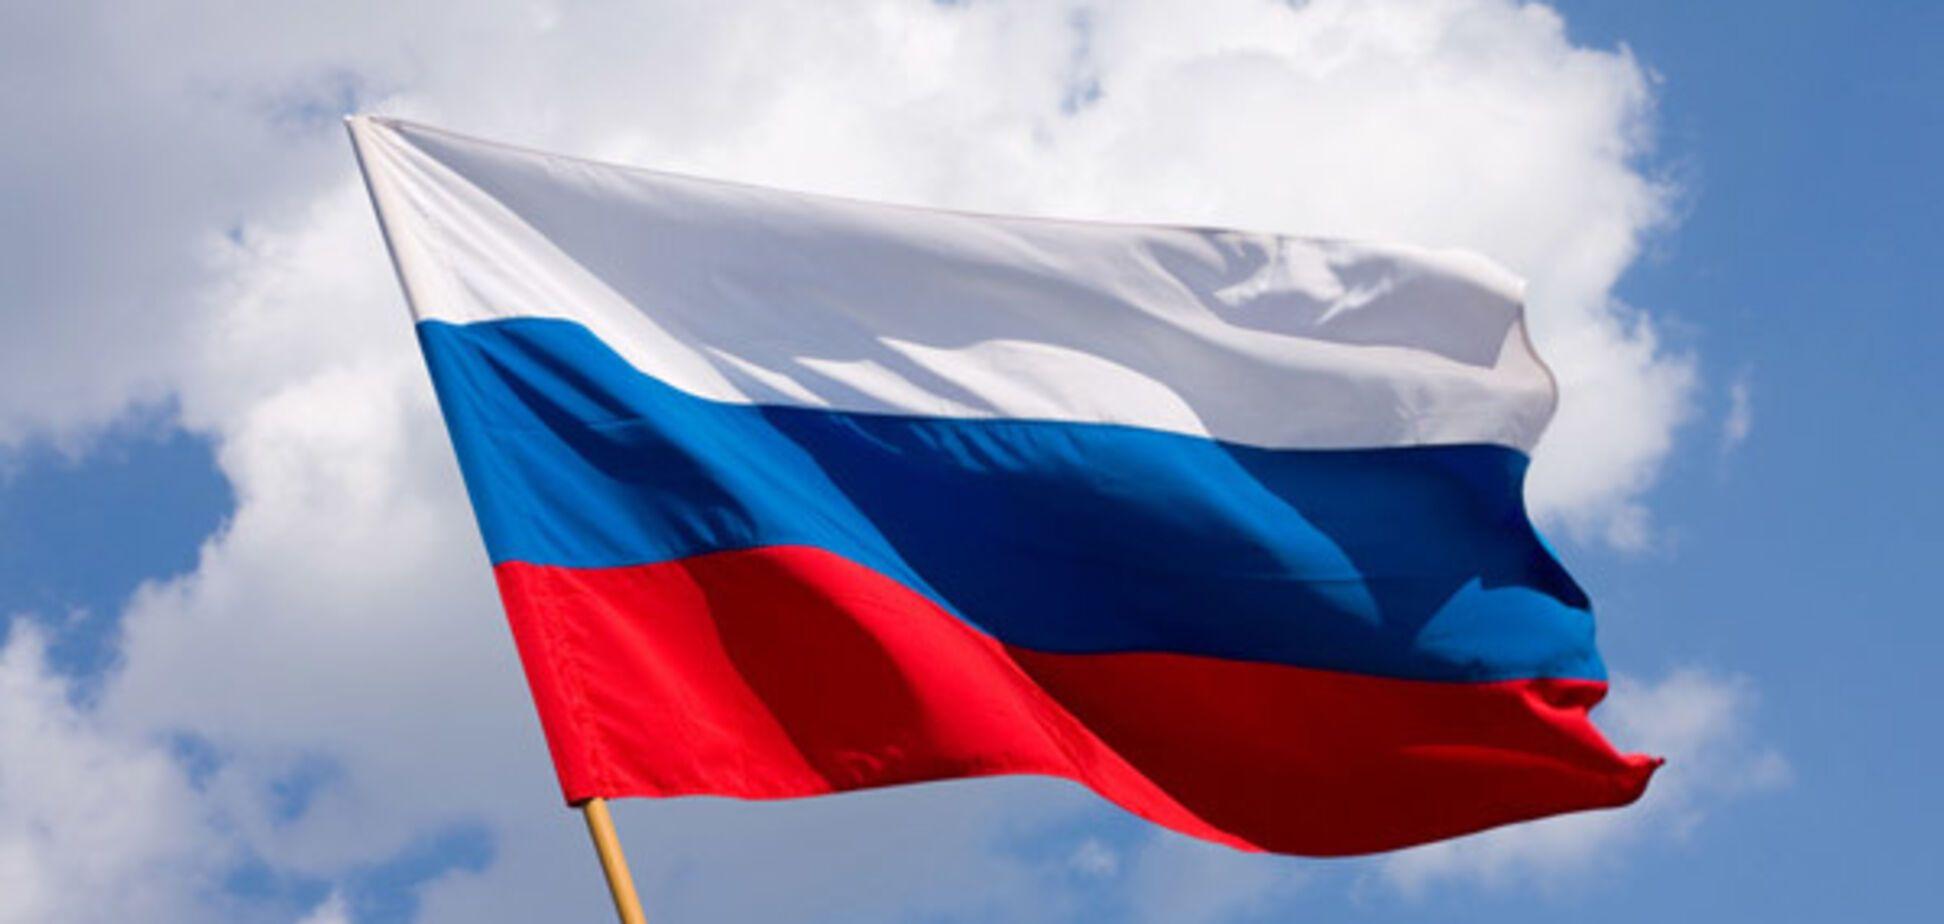 Прапор Росії